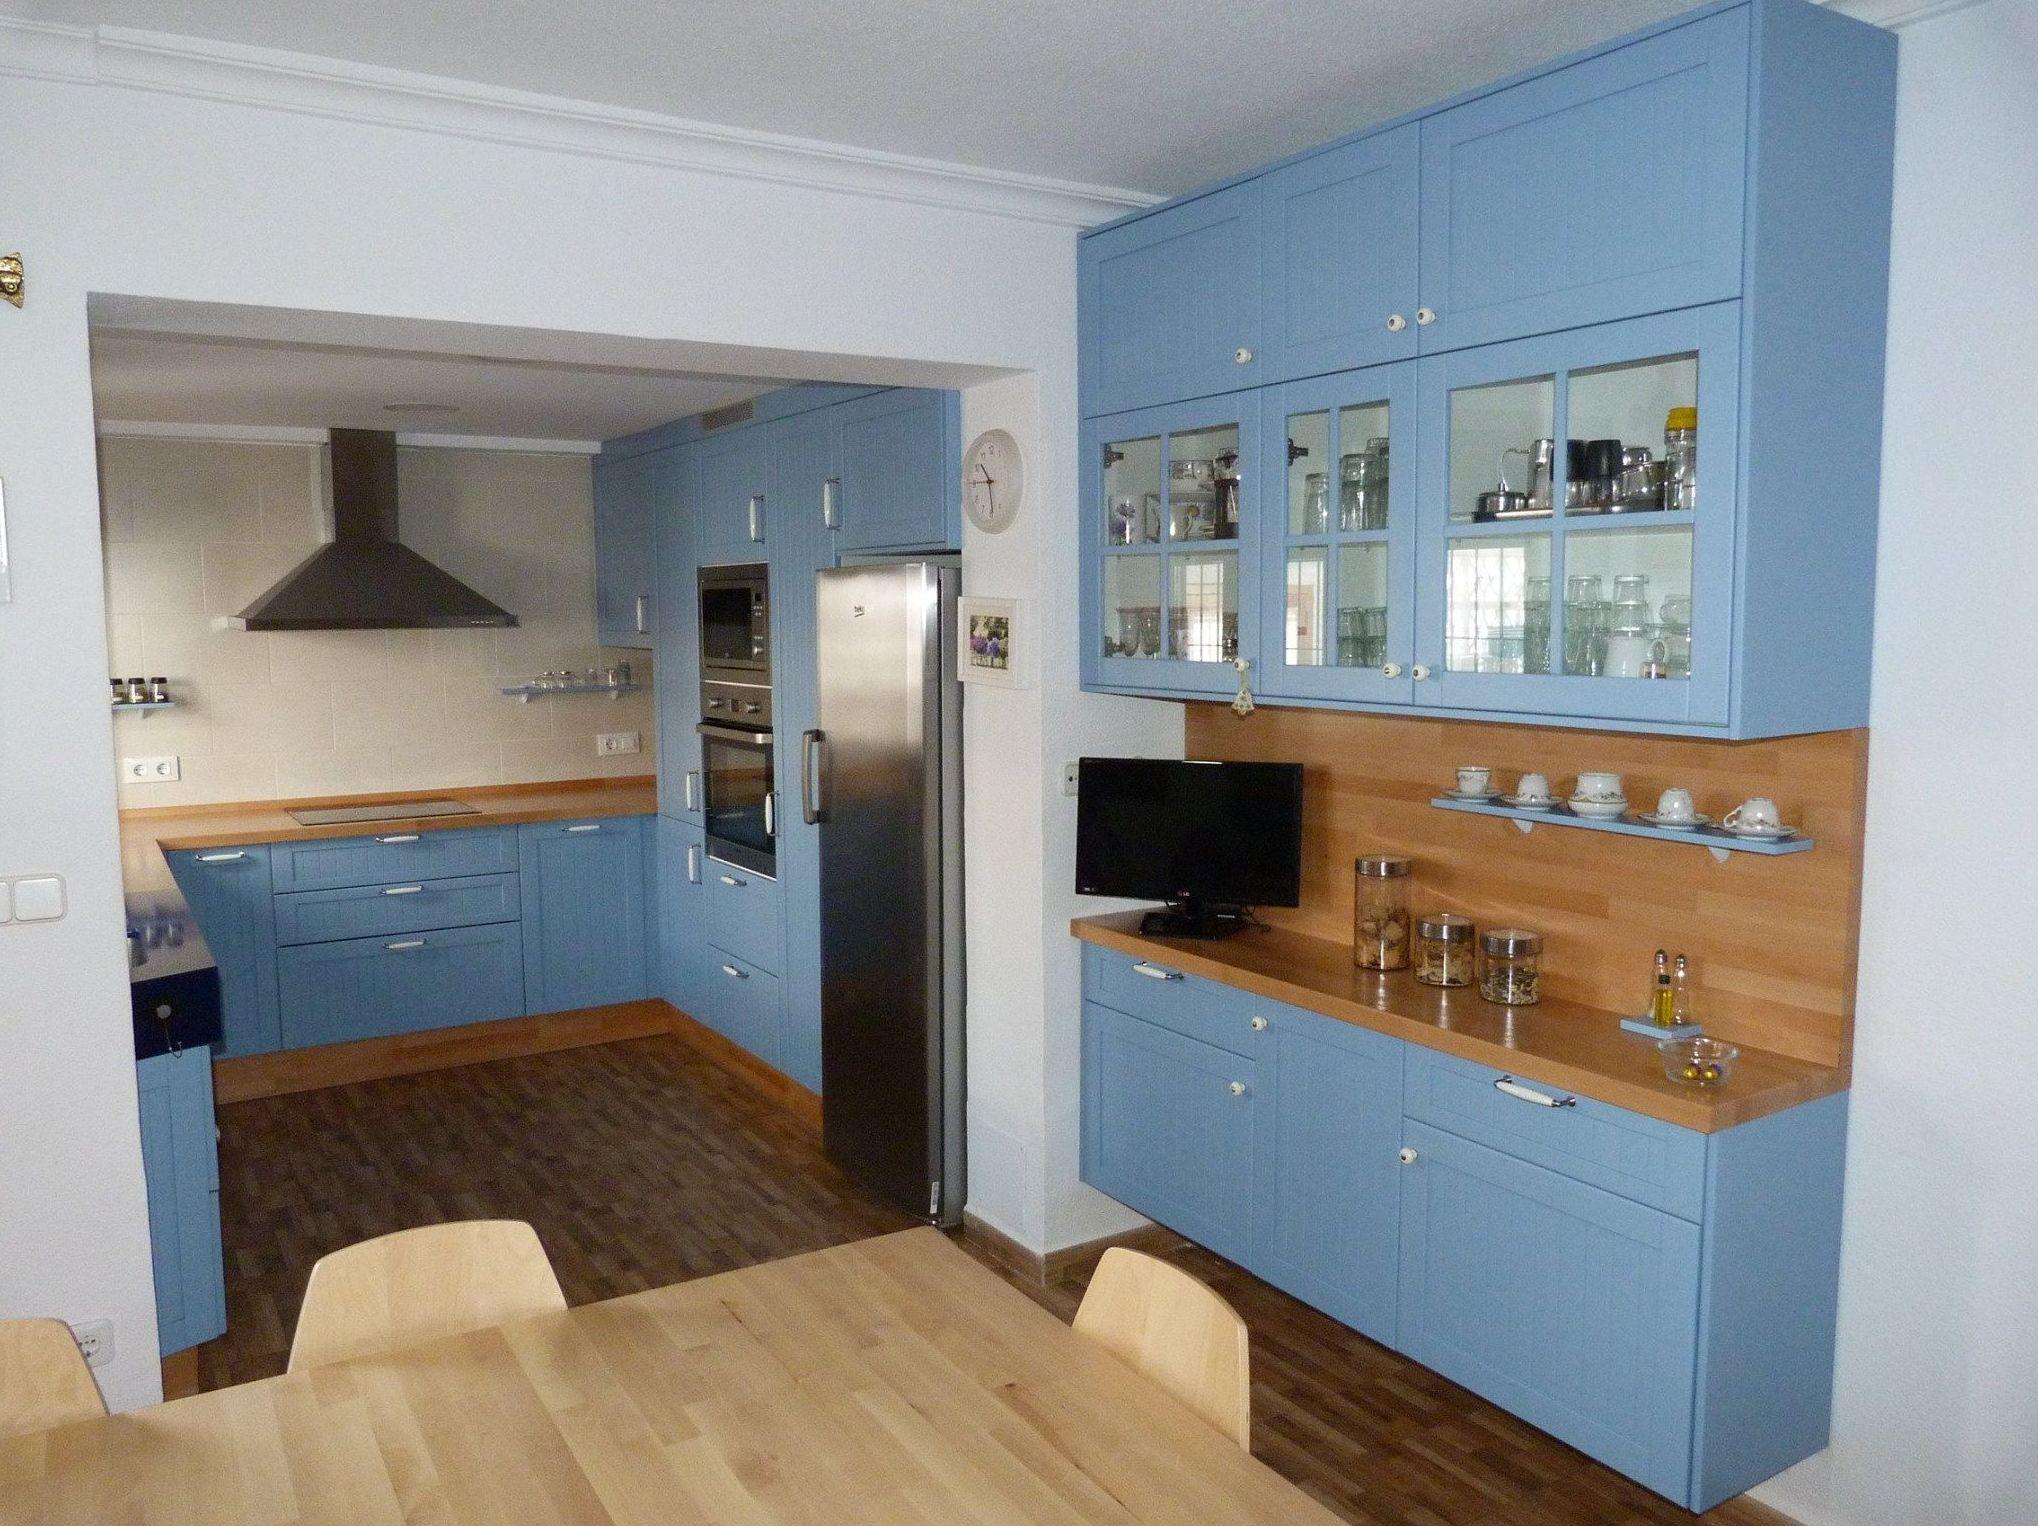 Foto 8 De Muebles De Cocina En Torrevieja Prior Cocinas # Muebles Torrevieja